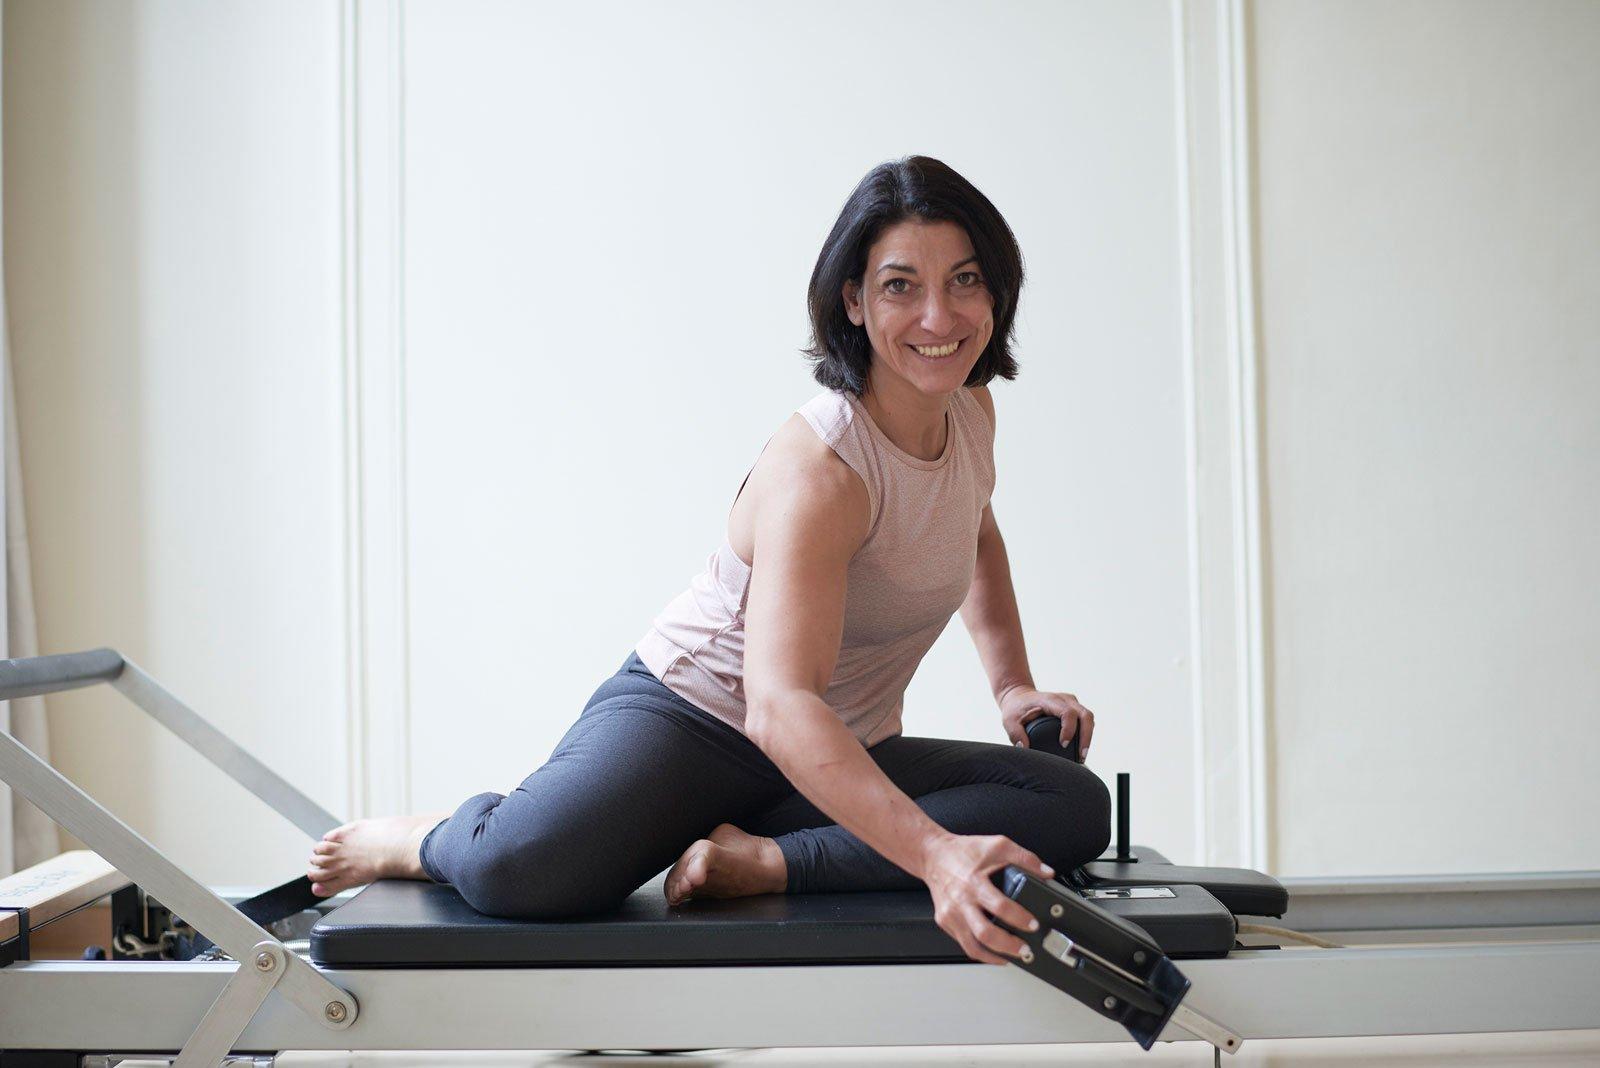 Pilates in barcelona, owner devorah al-irimi